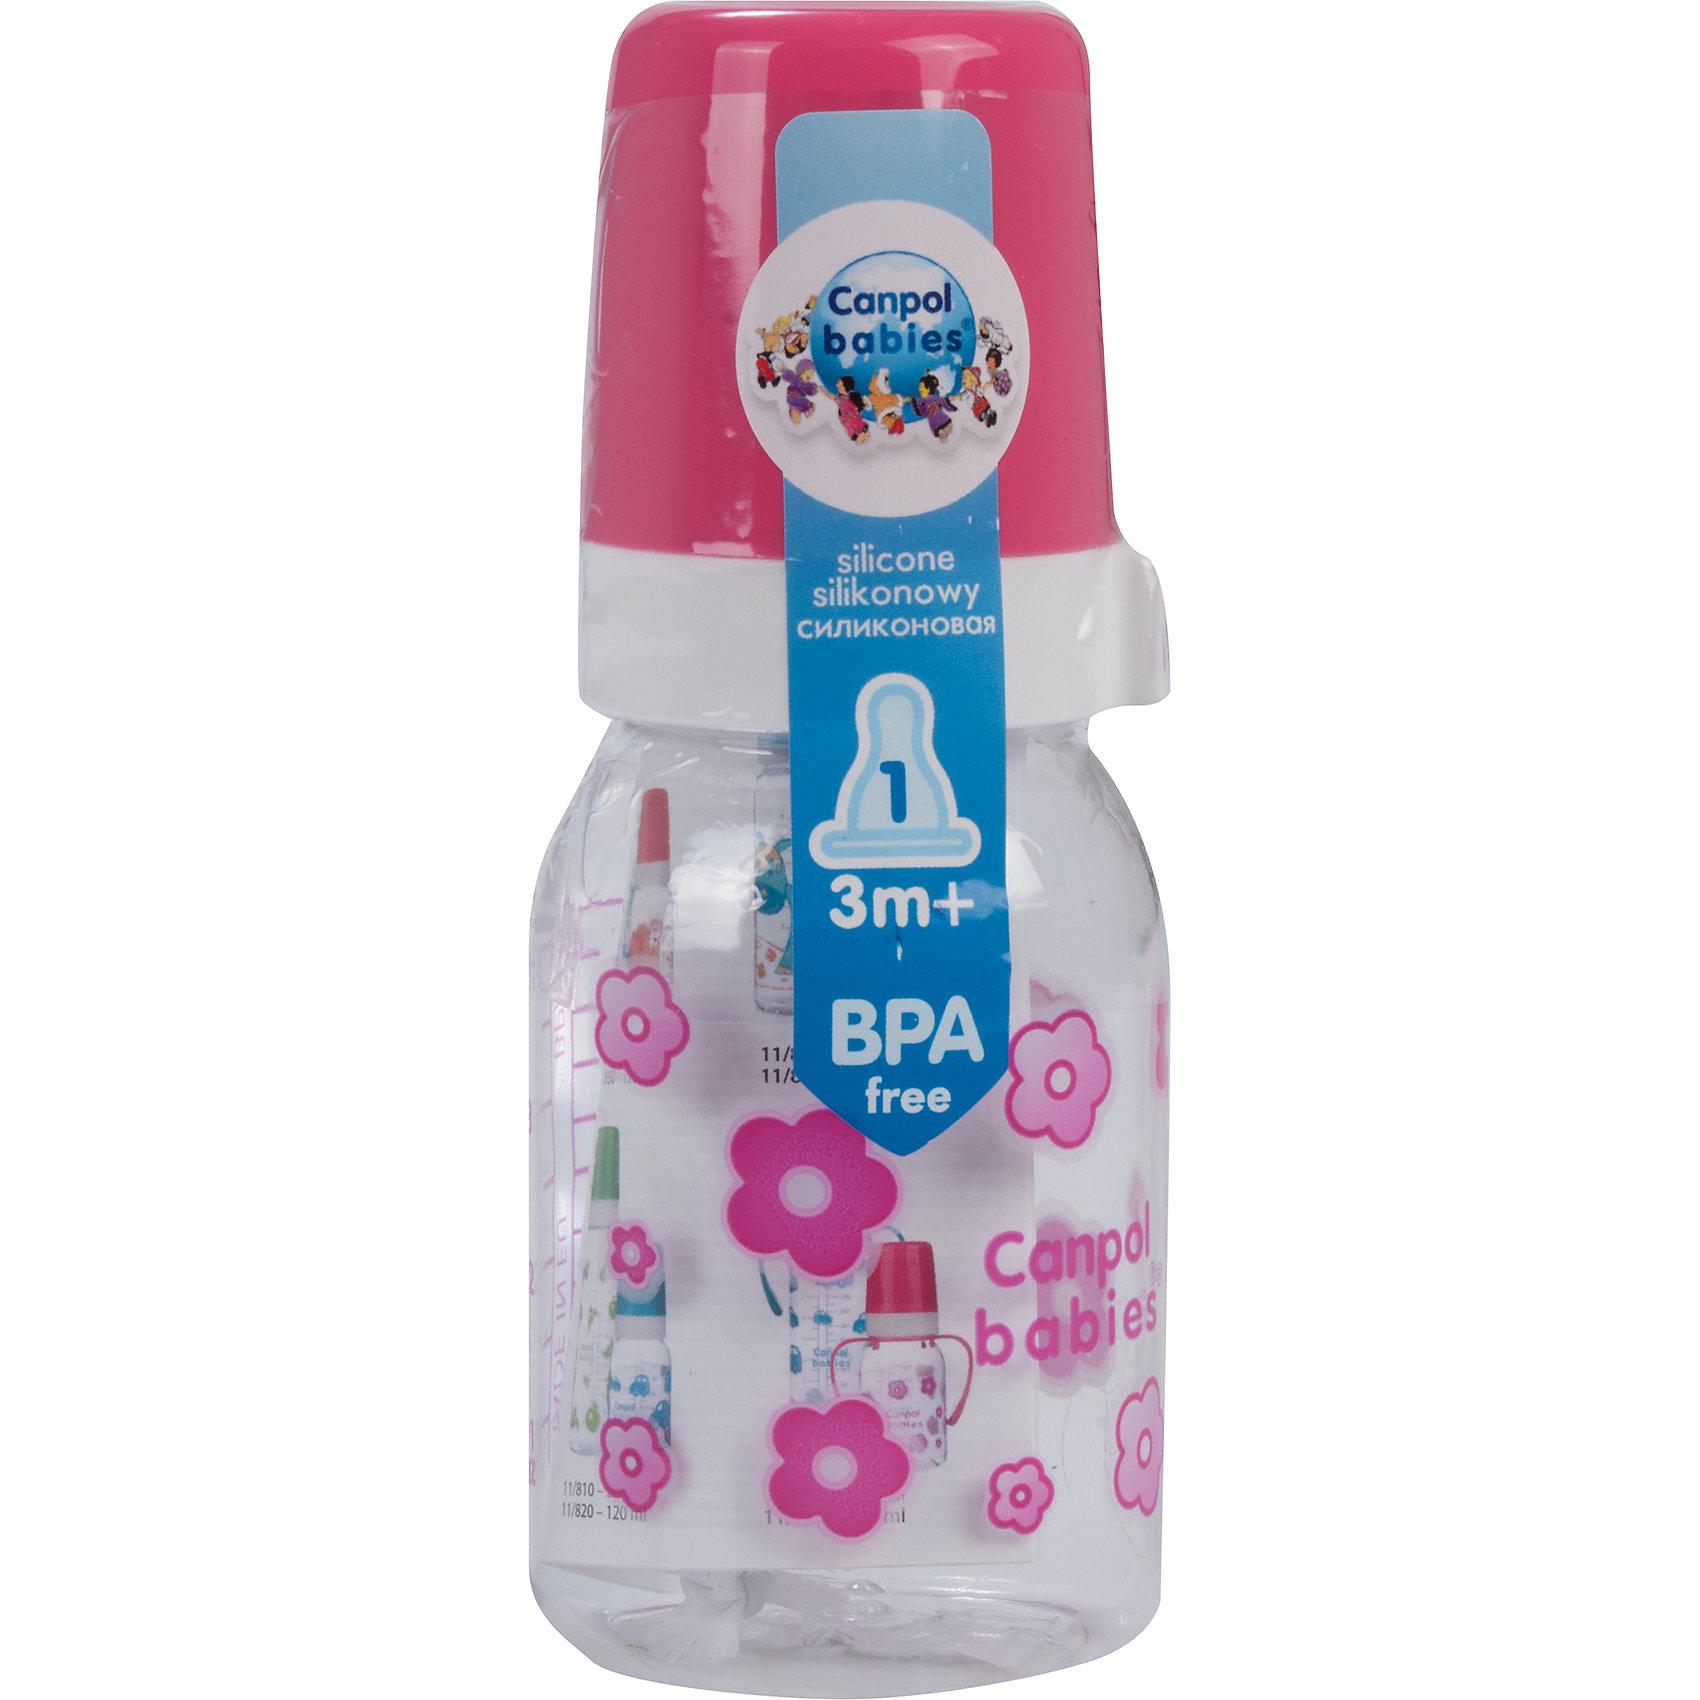 Canpol Babies Бутылочка тритановая (BPA 0%) с сил. соской, 120 мл. 3+, Canpol Babies, розовый canpol babies бутылочка тритановая 120 мл 3 canpol babies бирюзовый